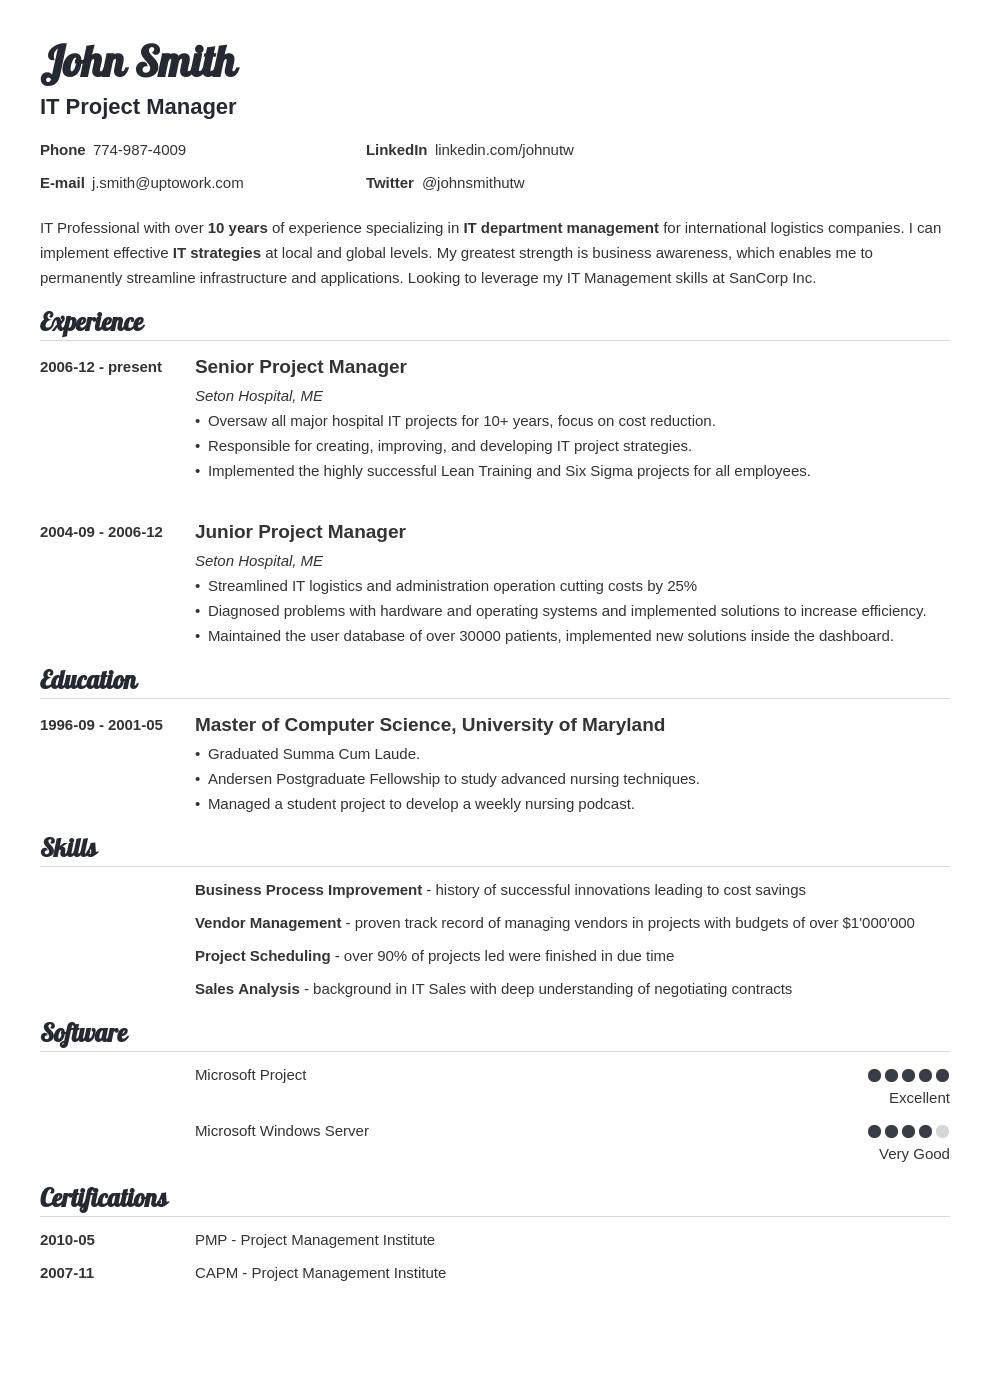 Modèle de CV professionnel Valera